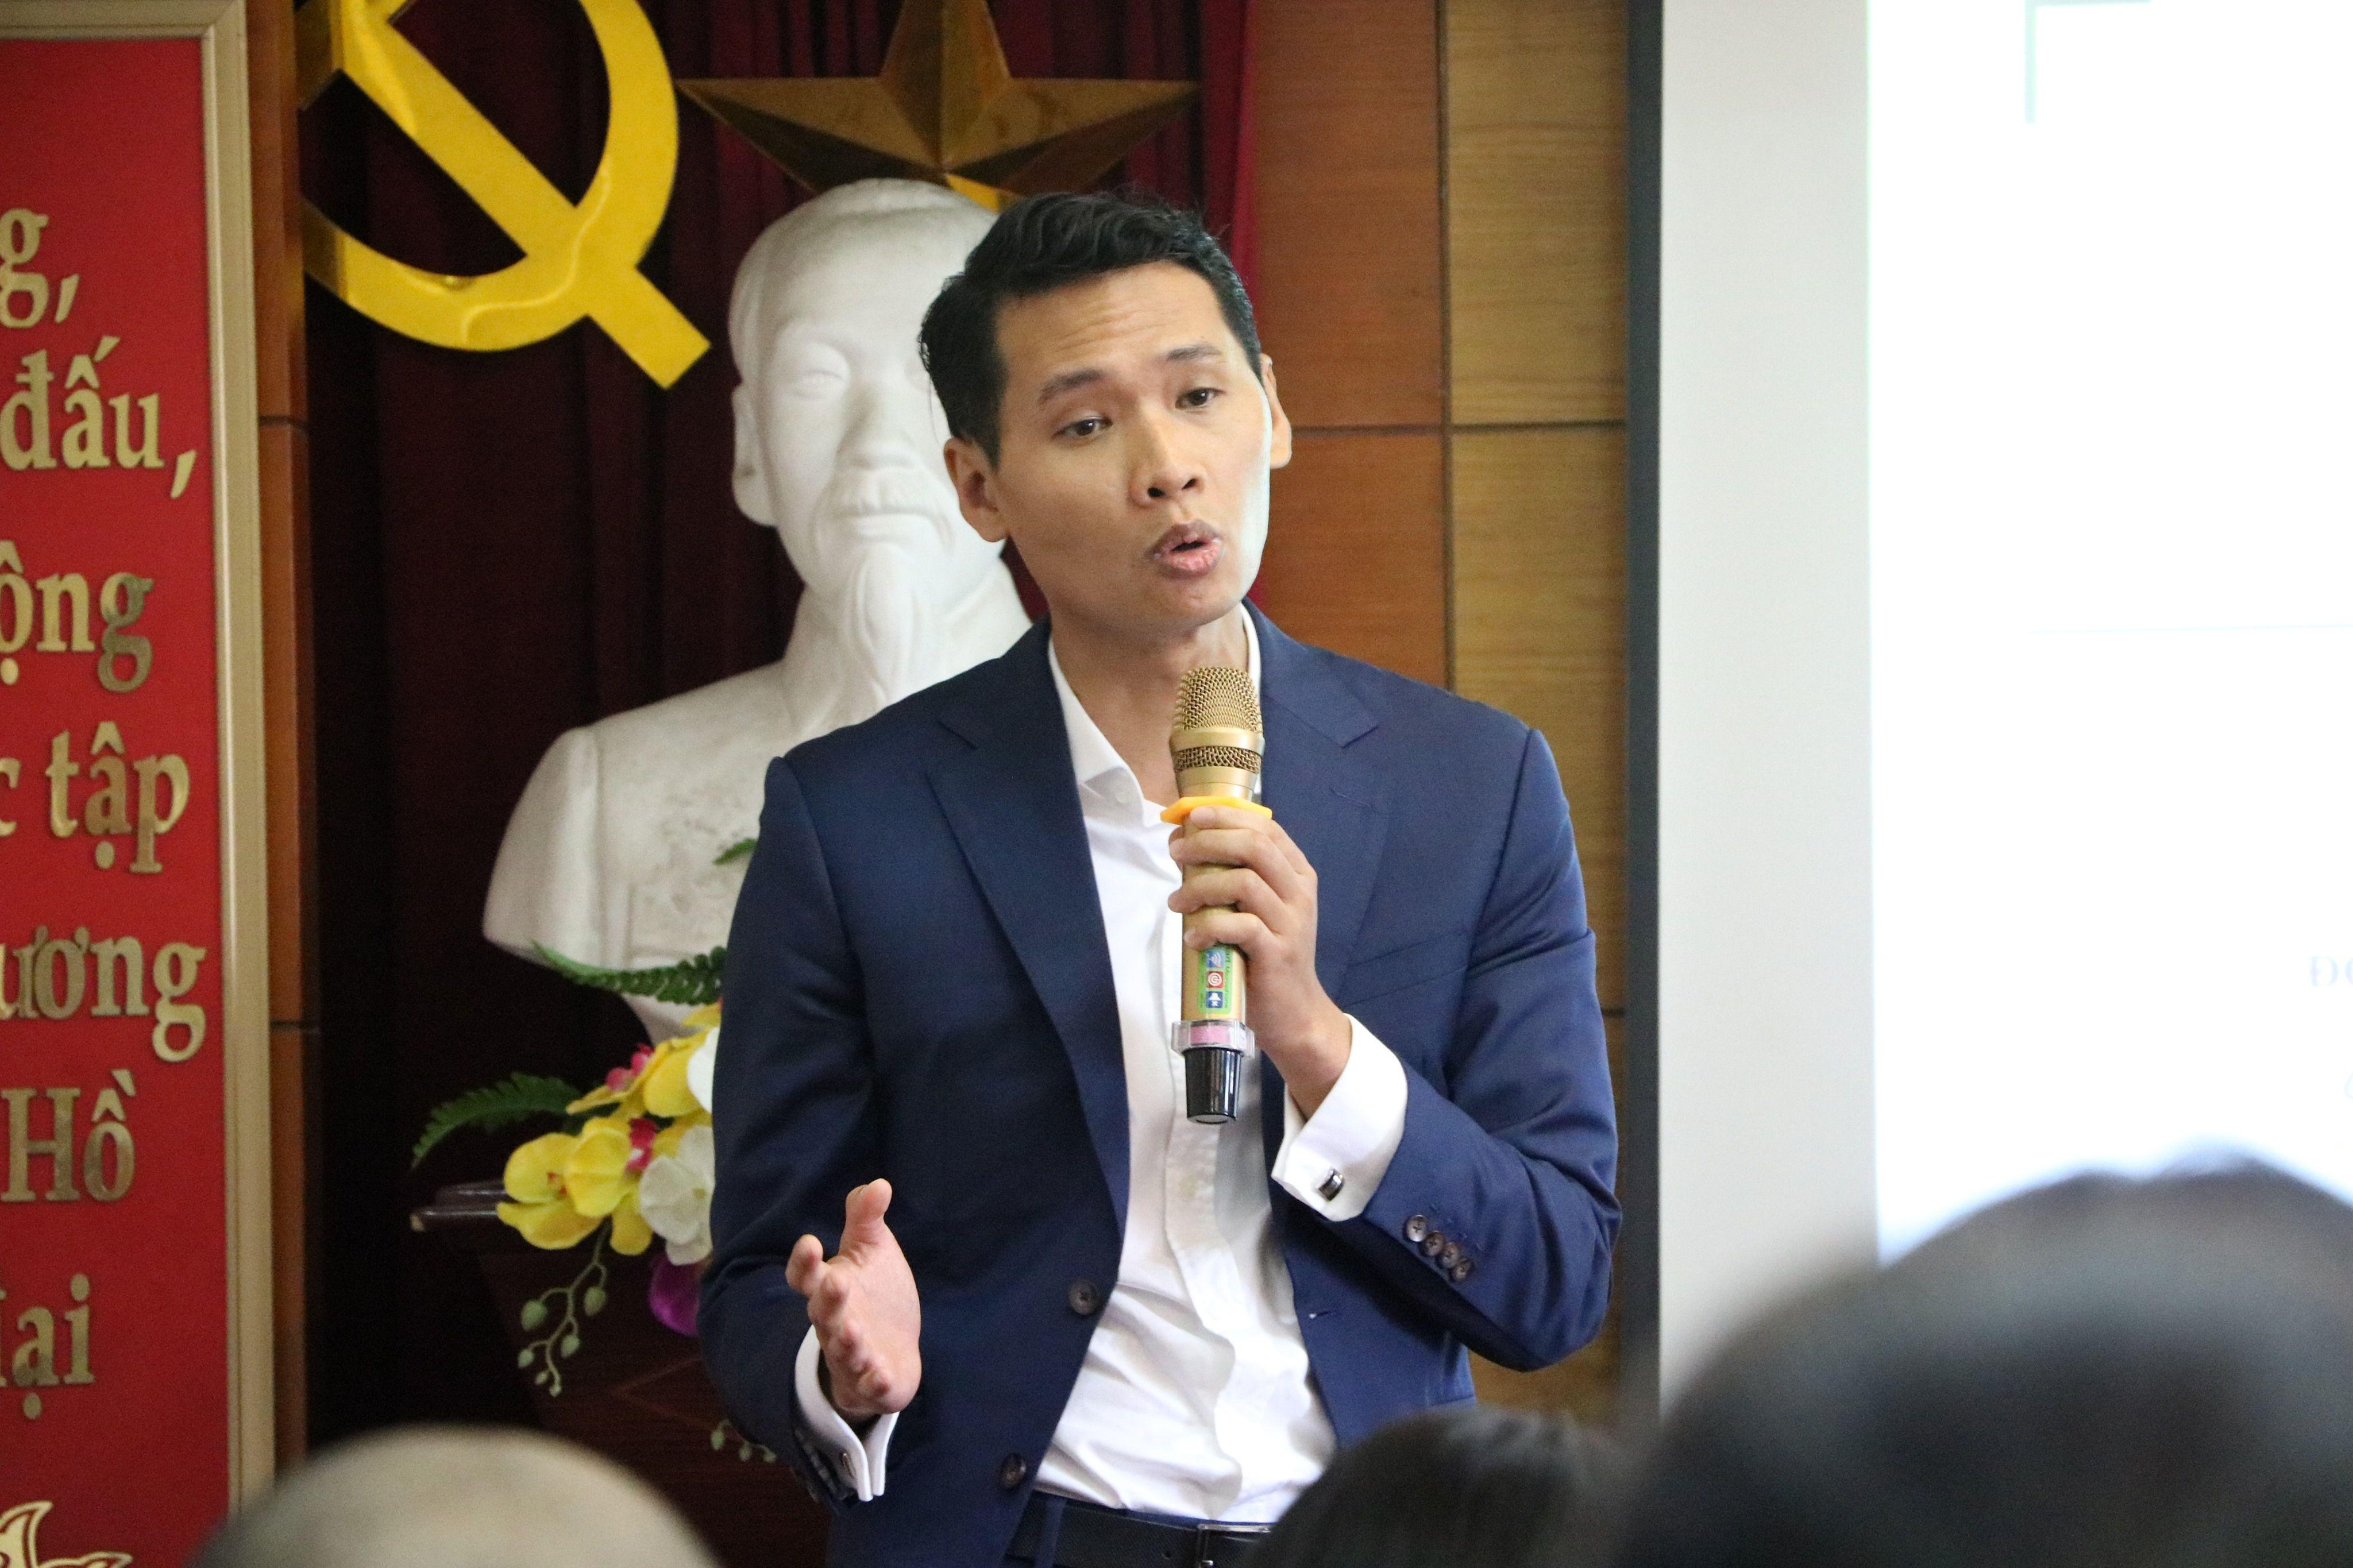 Chuyên gia tranh luận: Asanzo chưa chắc đã sai về nhãn mác